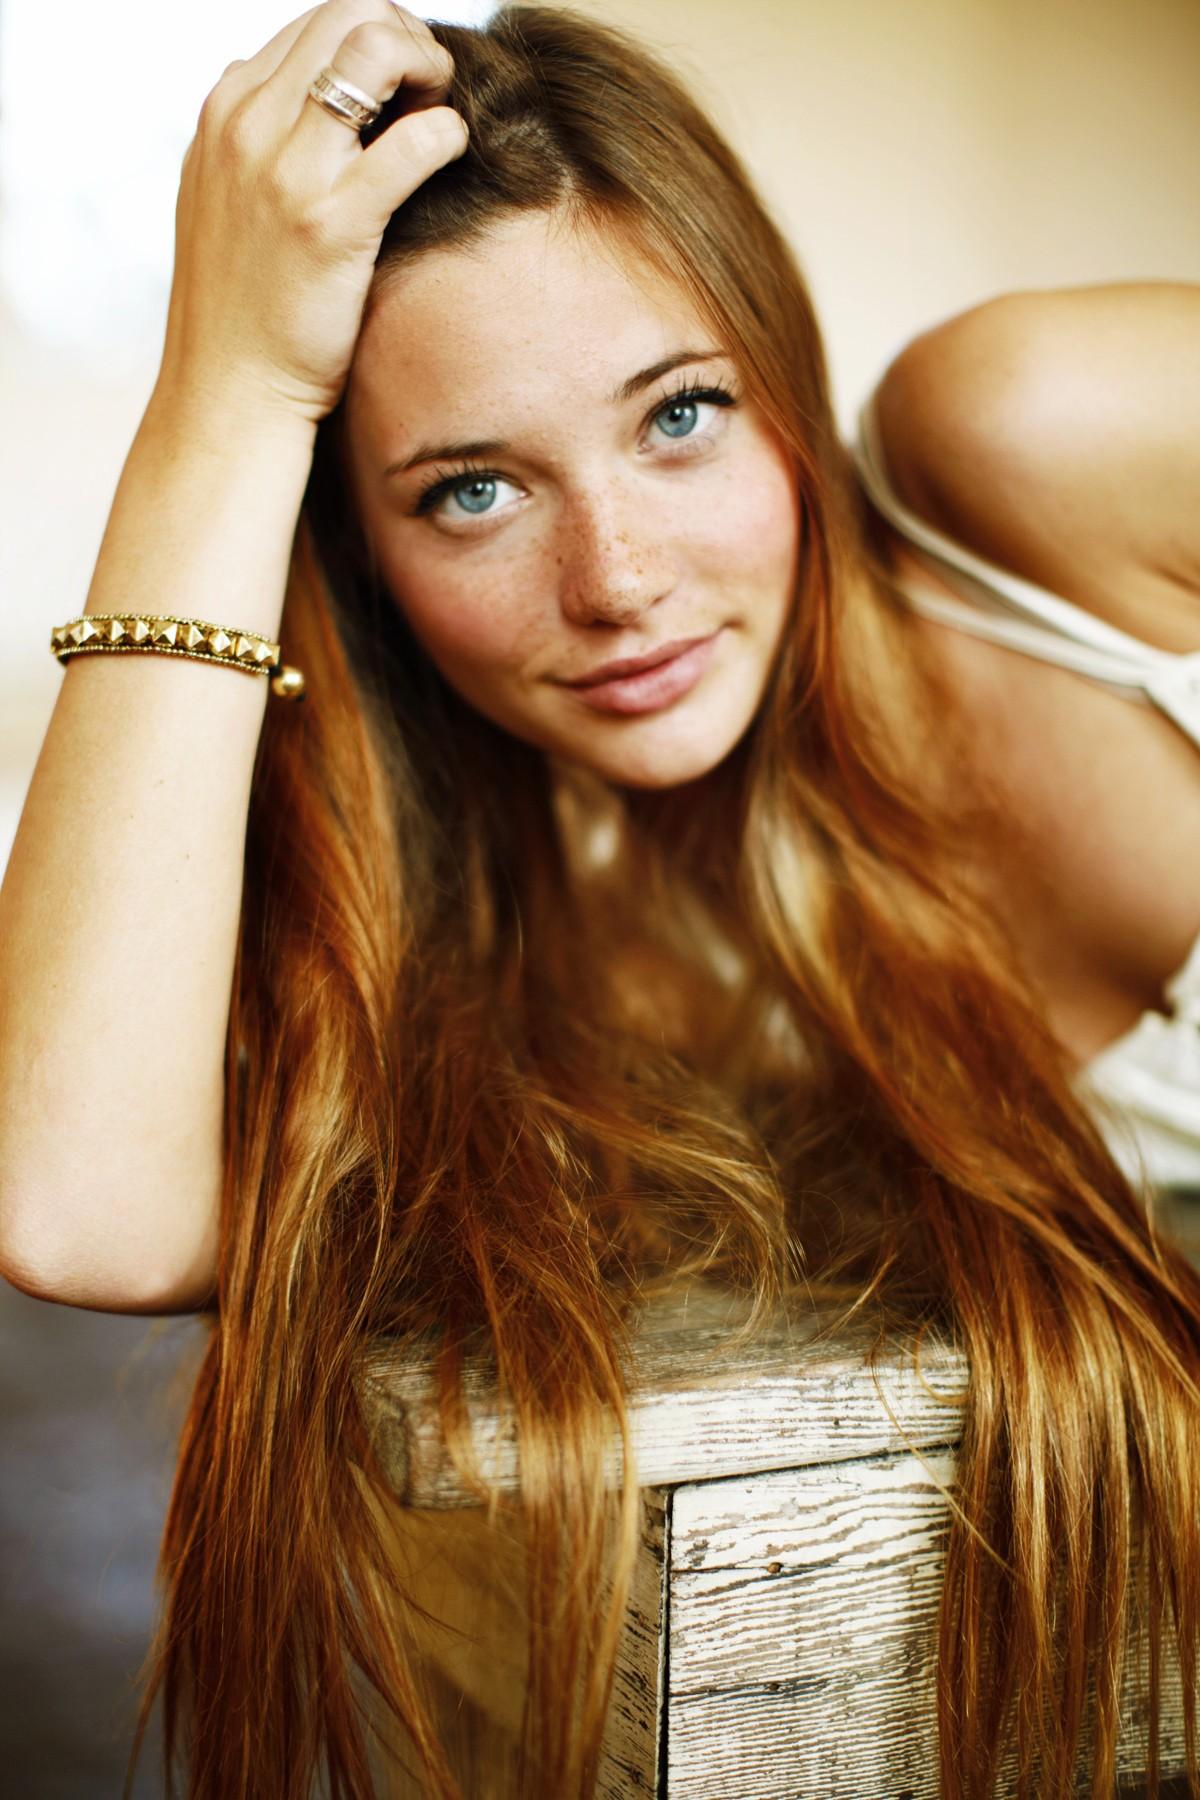 Blond Braune Haare Blaue Augen Blond Gesträhnte Haare Und Blaue